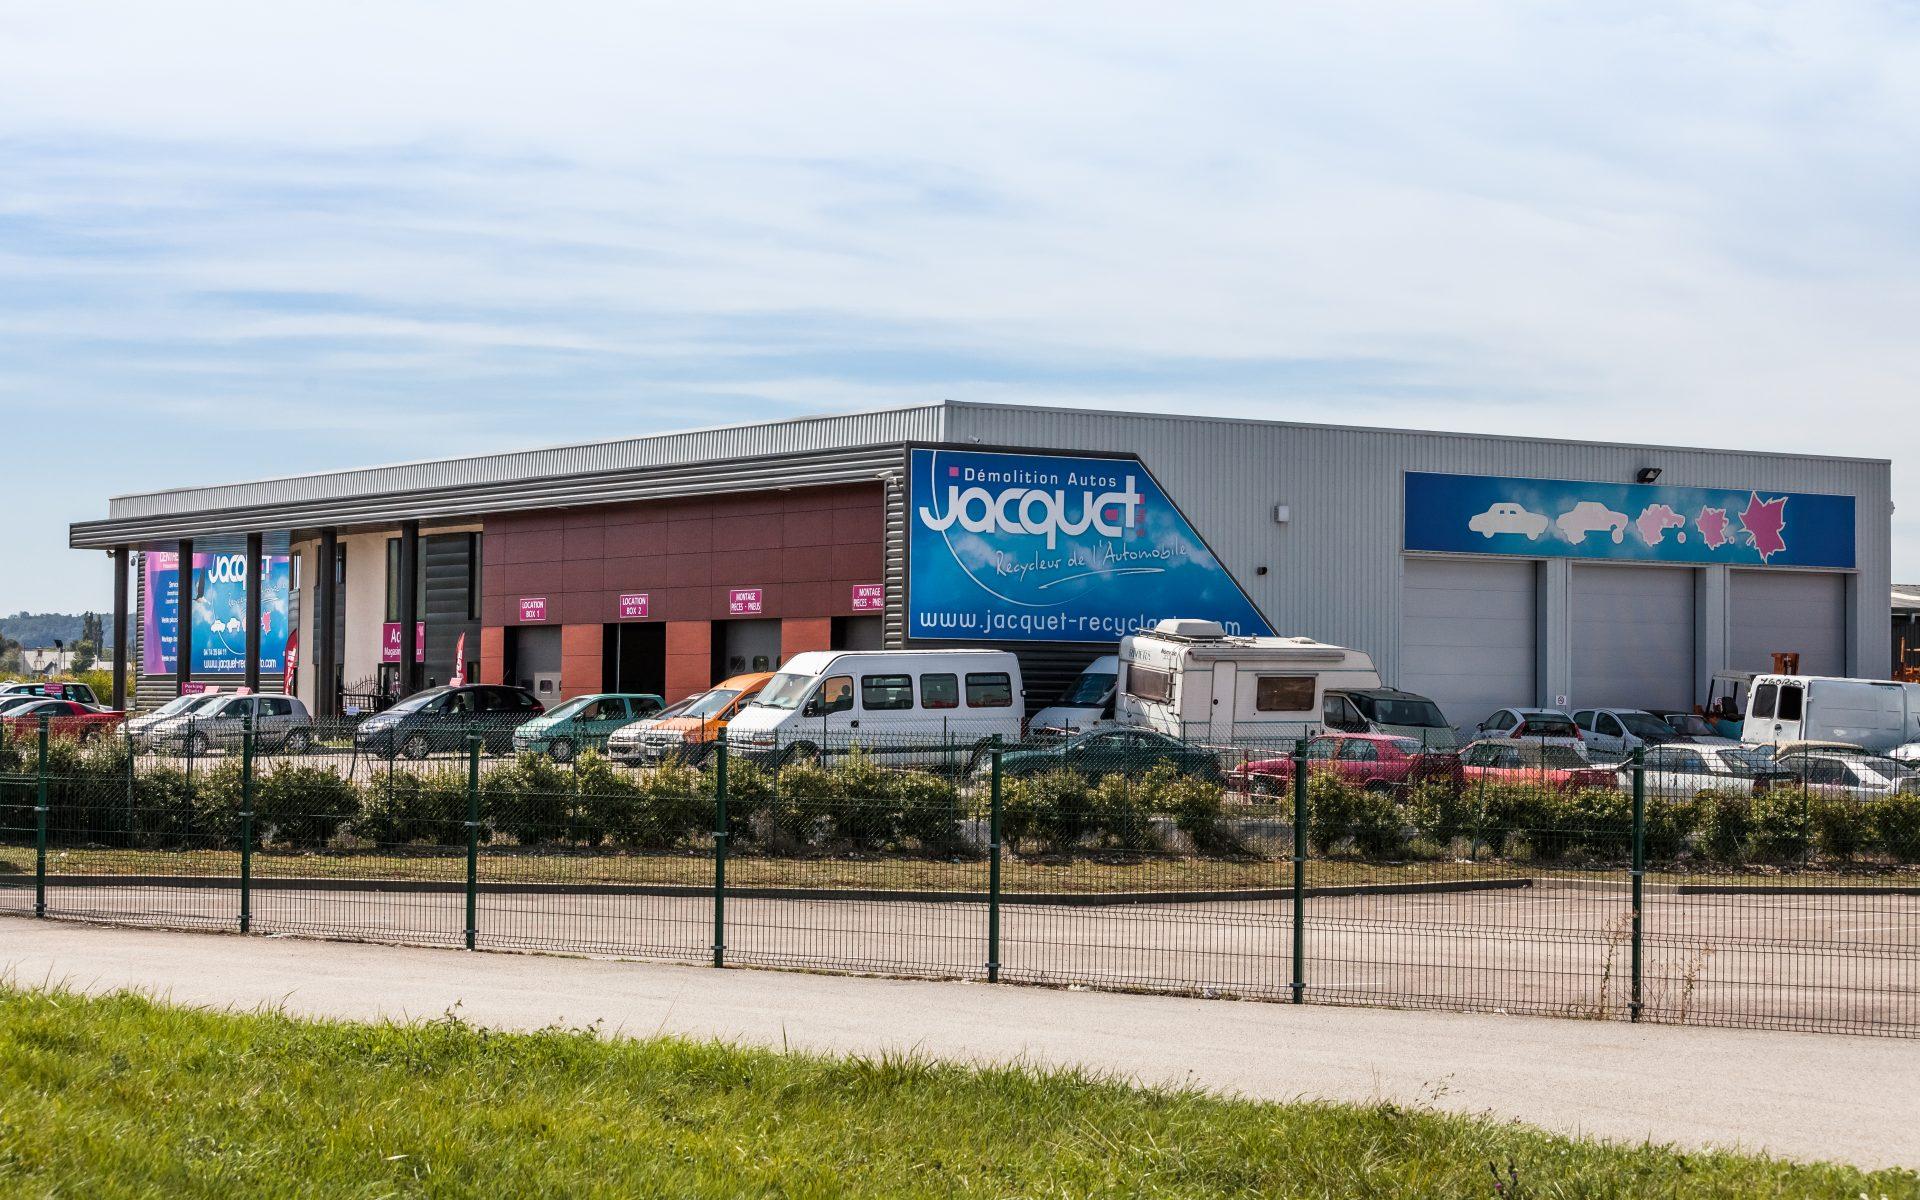 jacquet bâtiment industriel